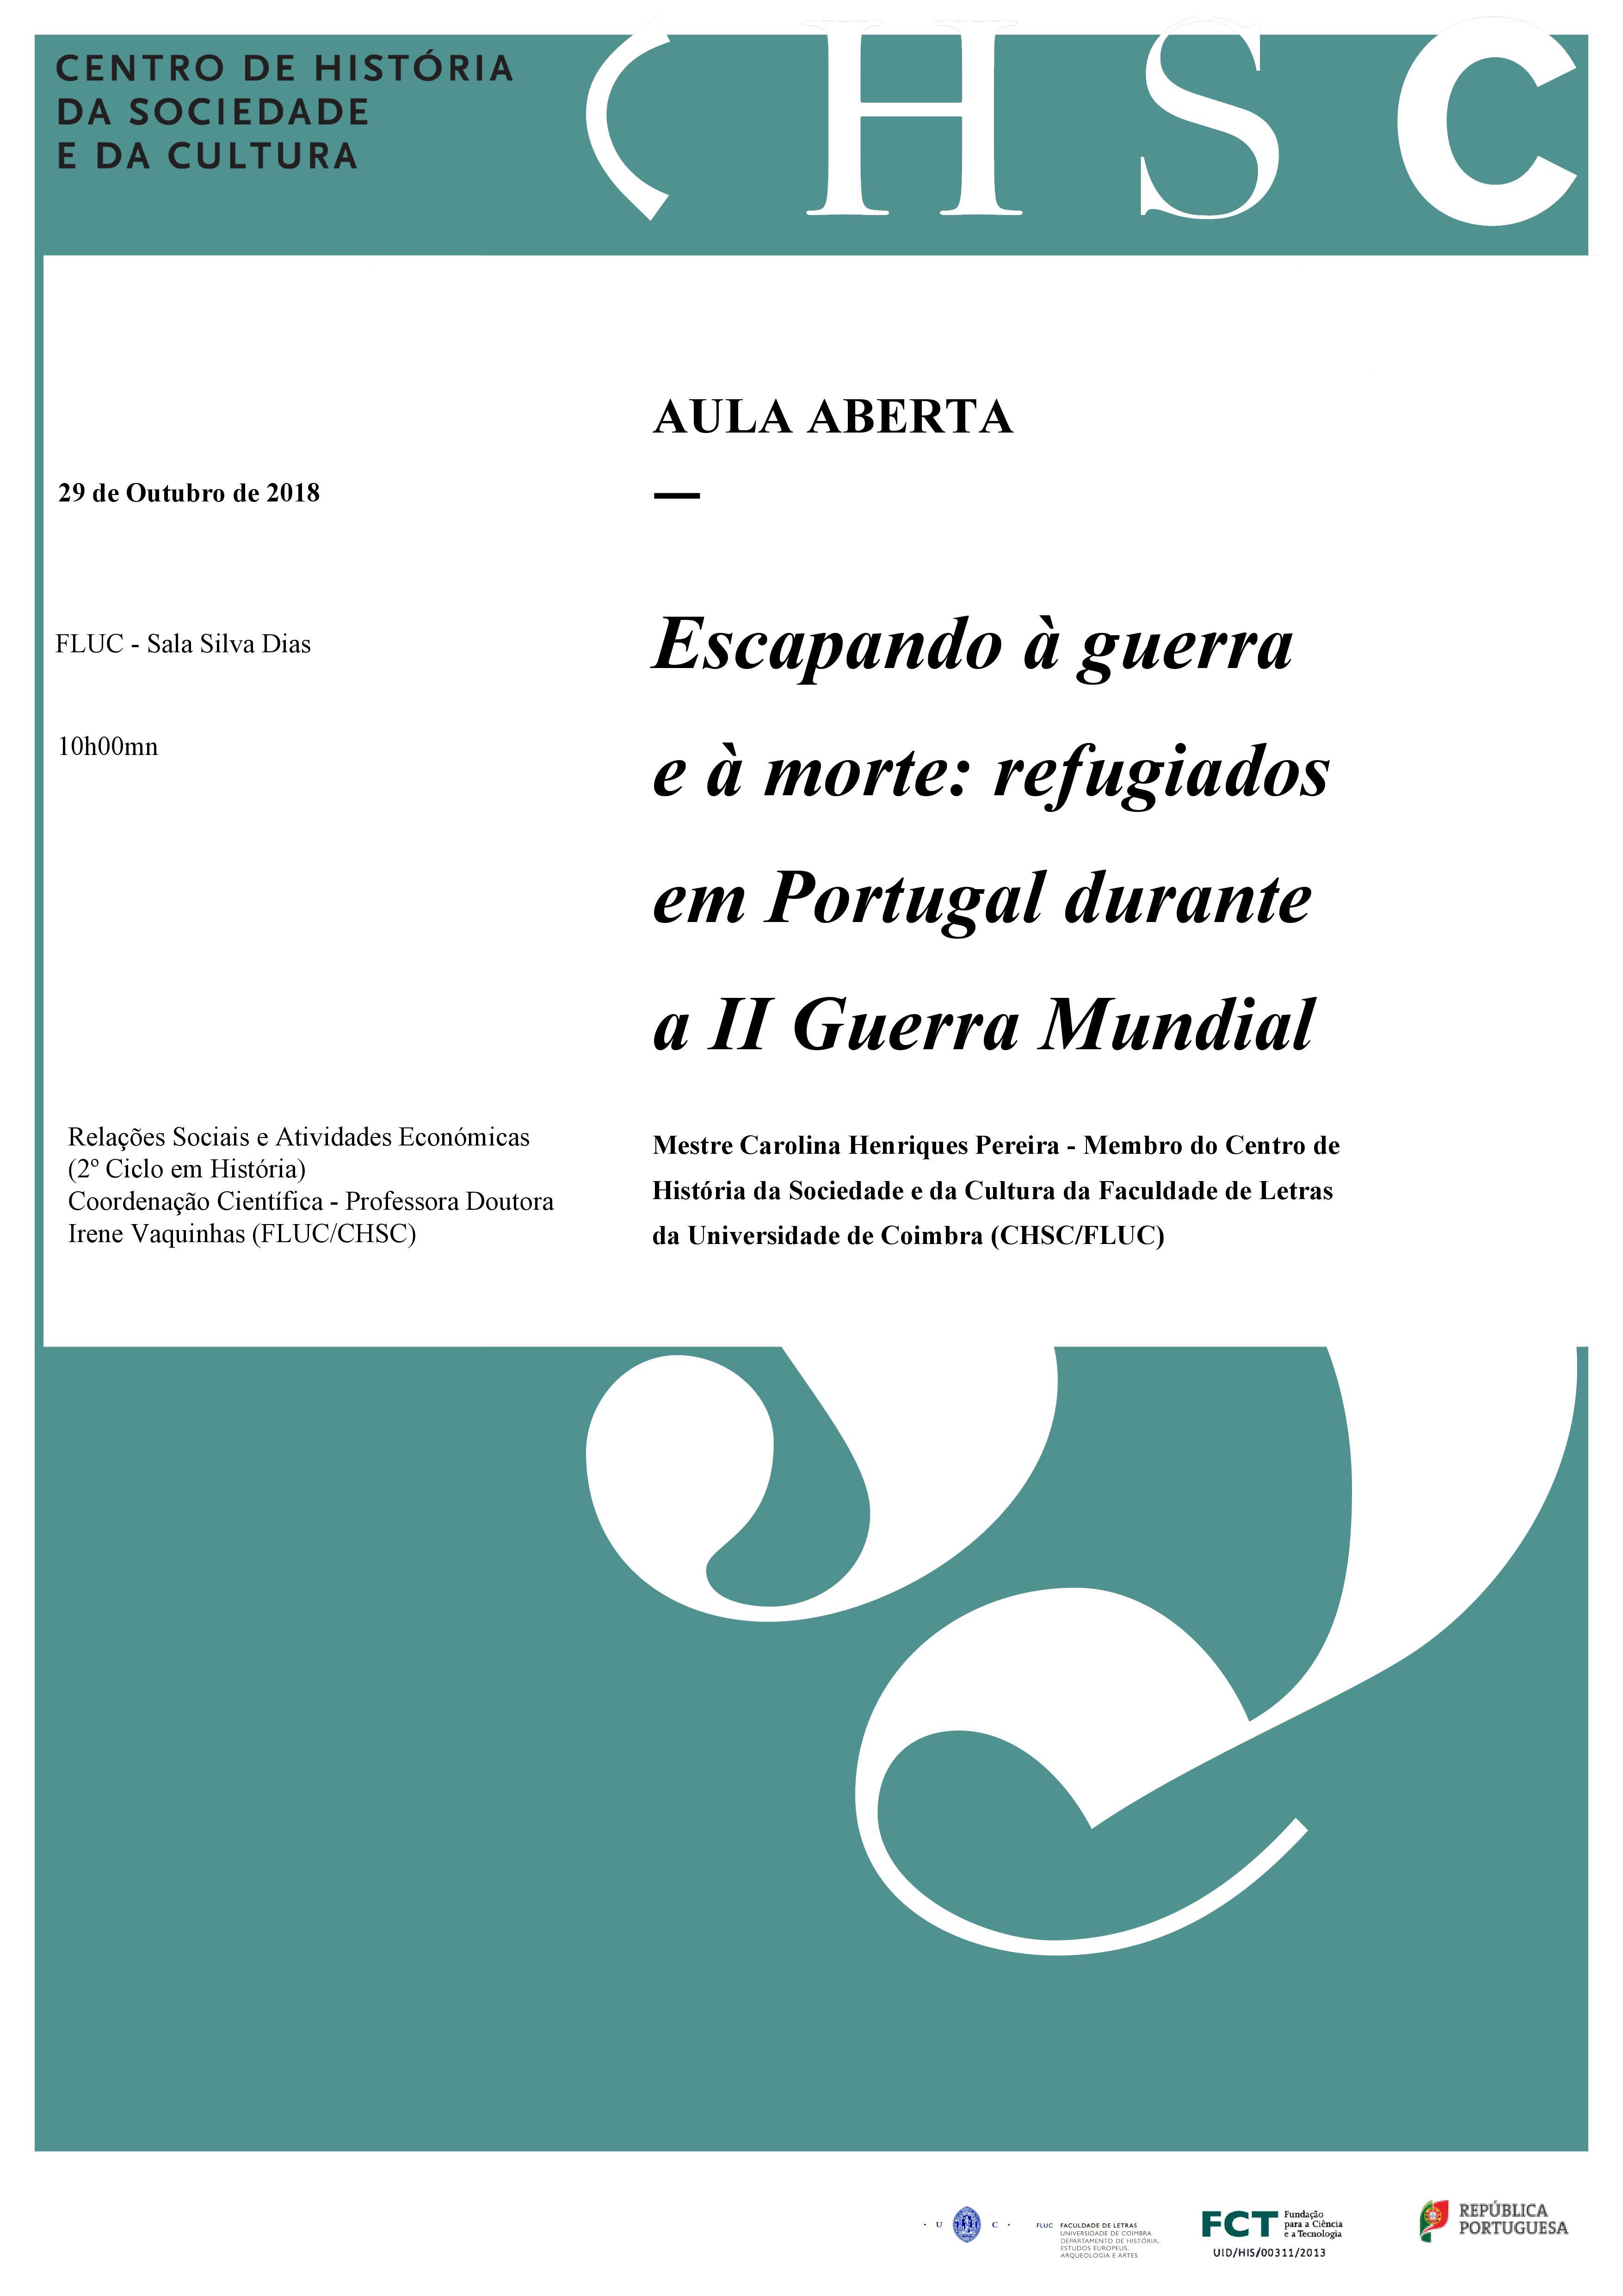 AULA ABERTA – ESCAPANDO À GUERRA E À MORTE: REFUGIADOS EM PORTUGAL DURANTE A II GUERRA MUNDIAL